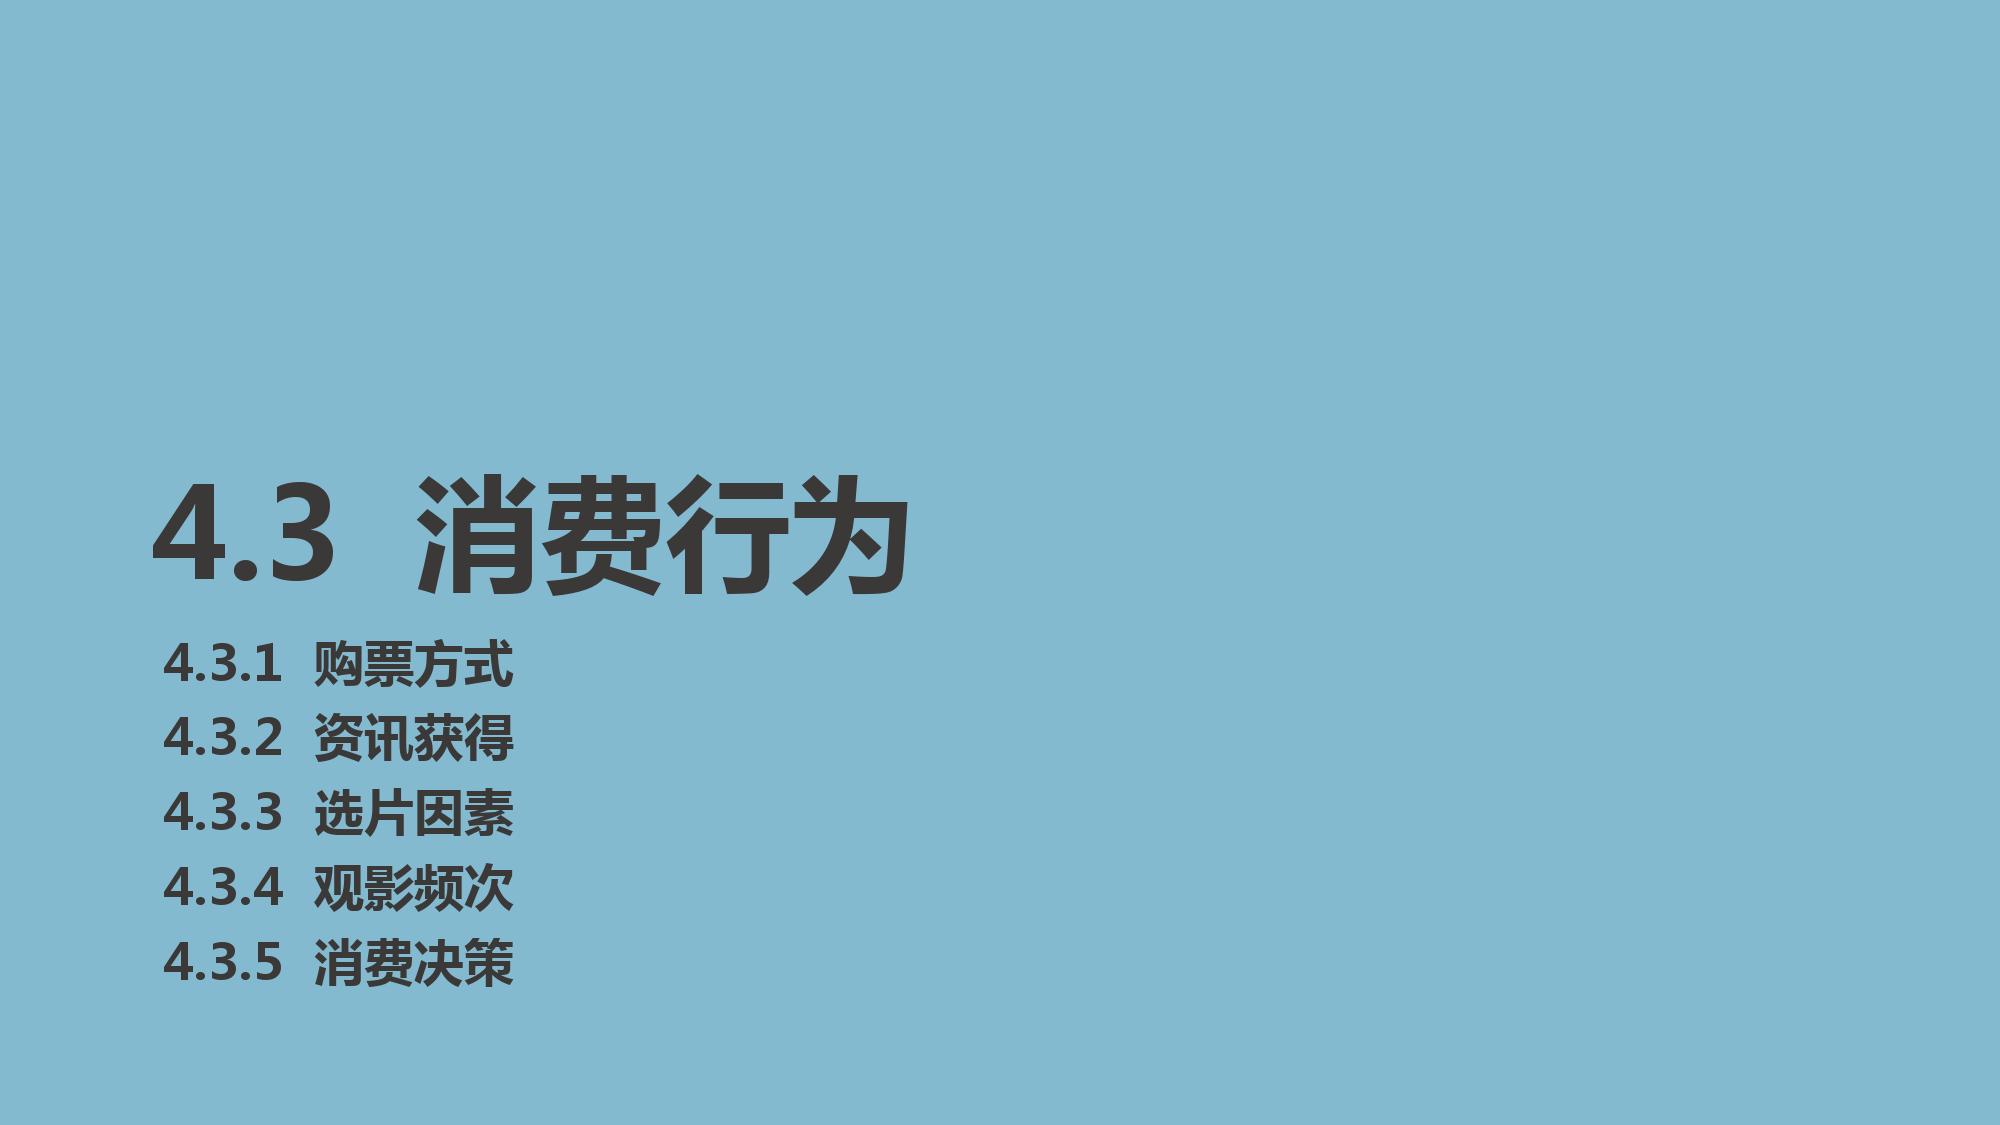 2015年度中国电影产业报告_000056